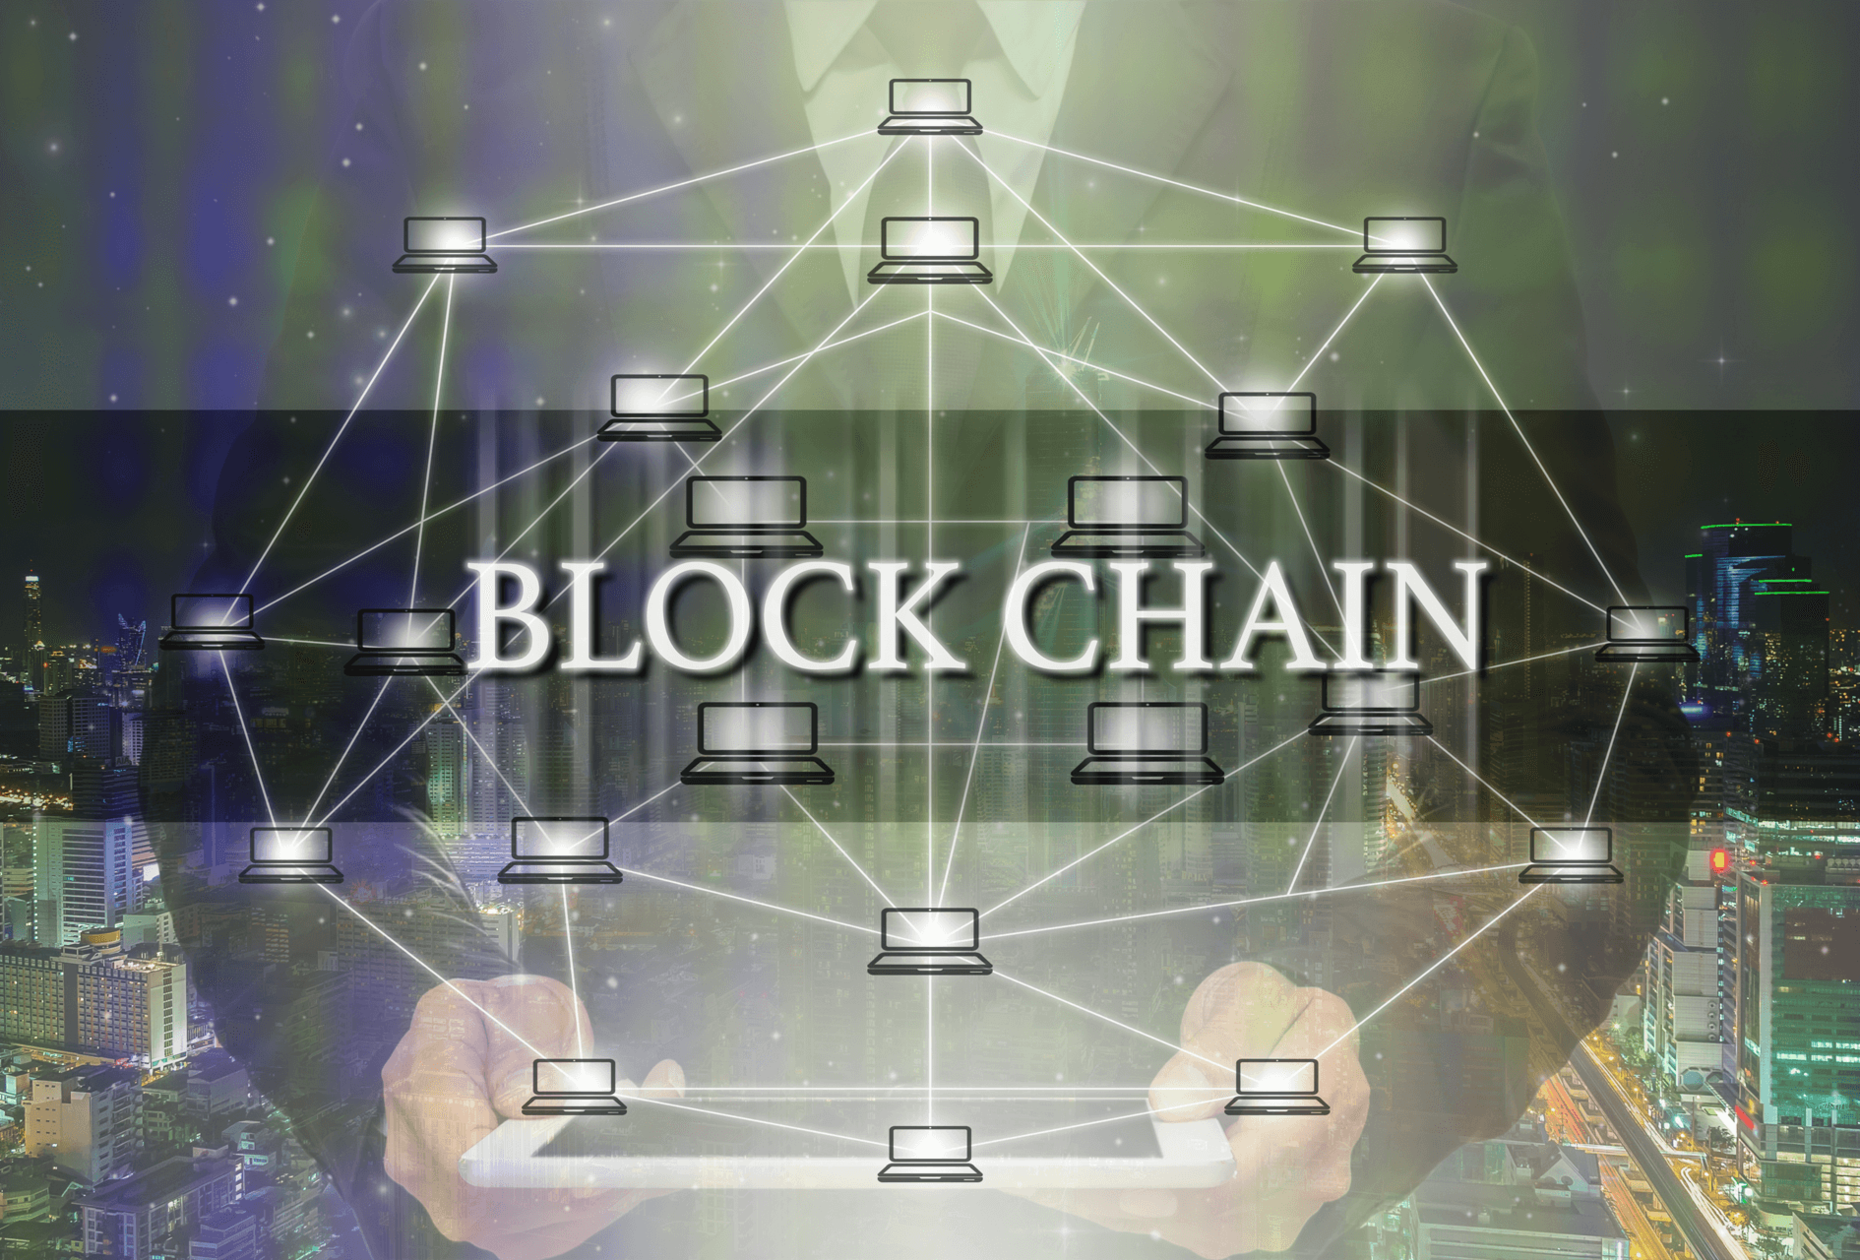 ブロックチェーンを応用した革新的サービス13選